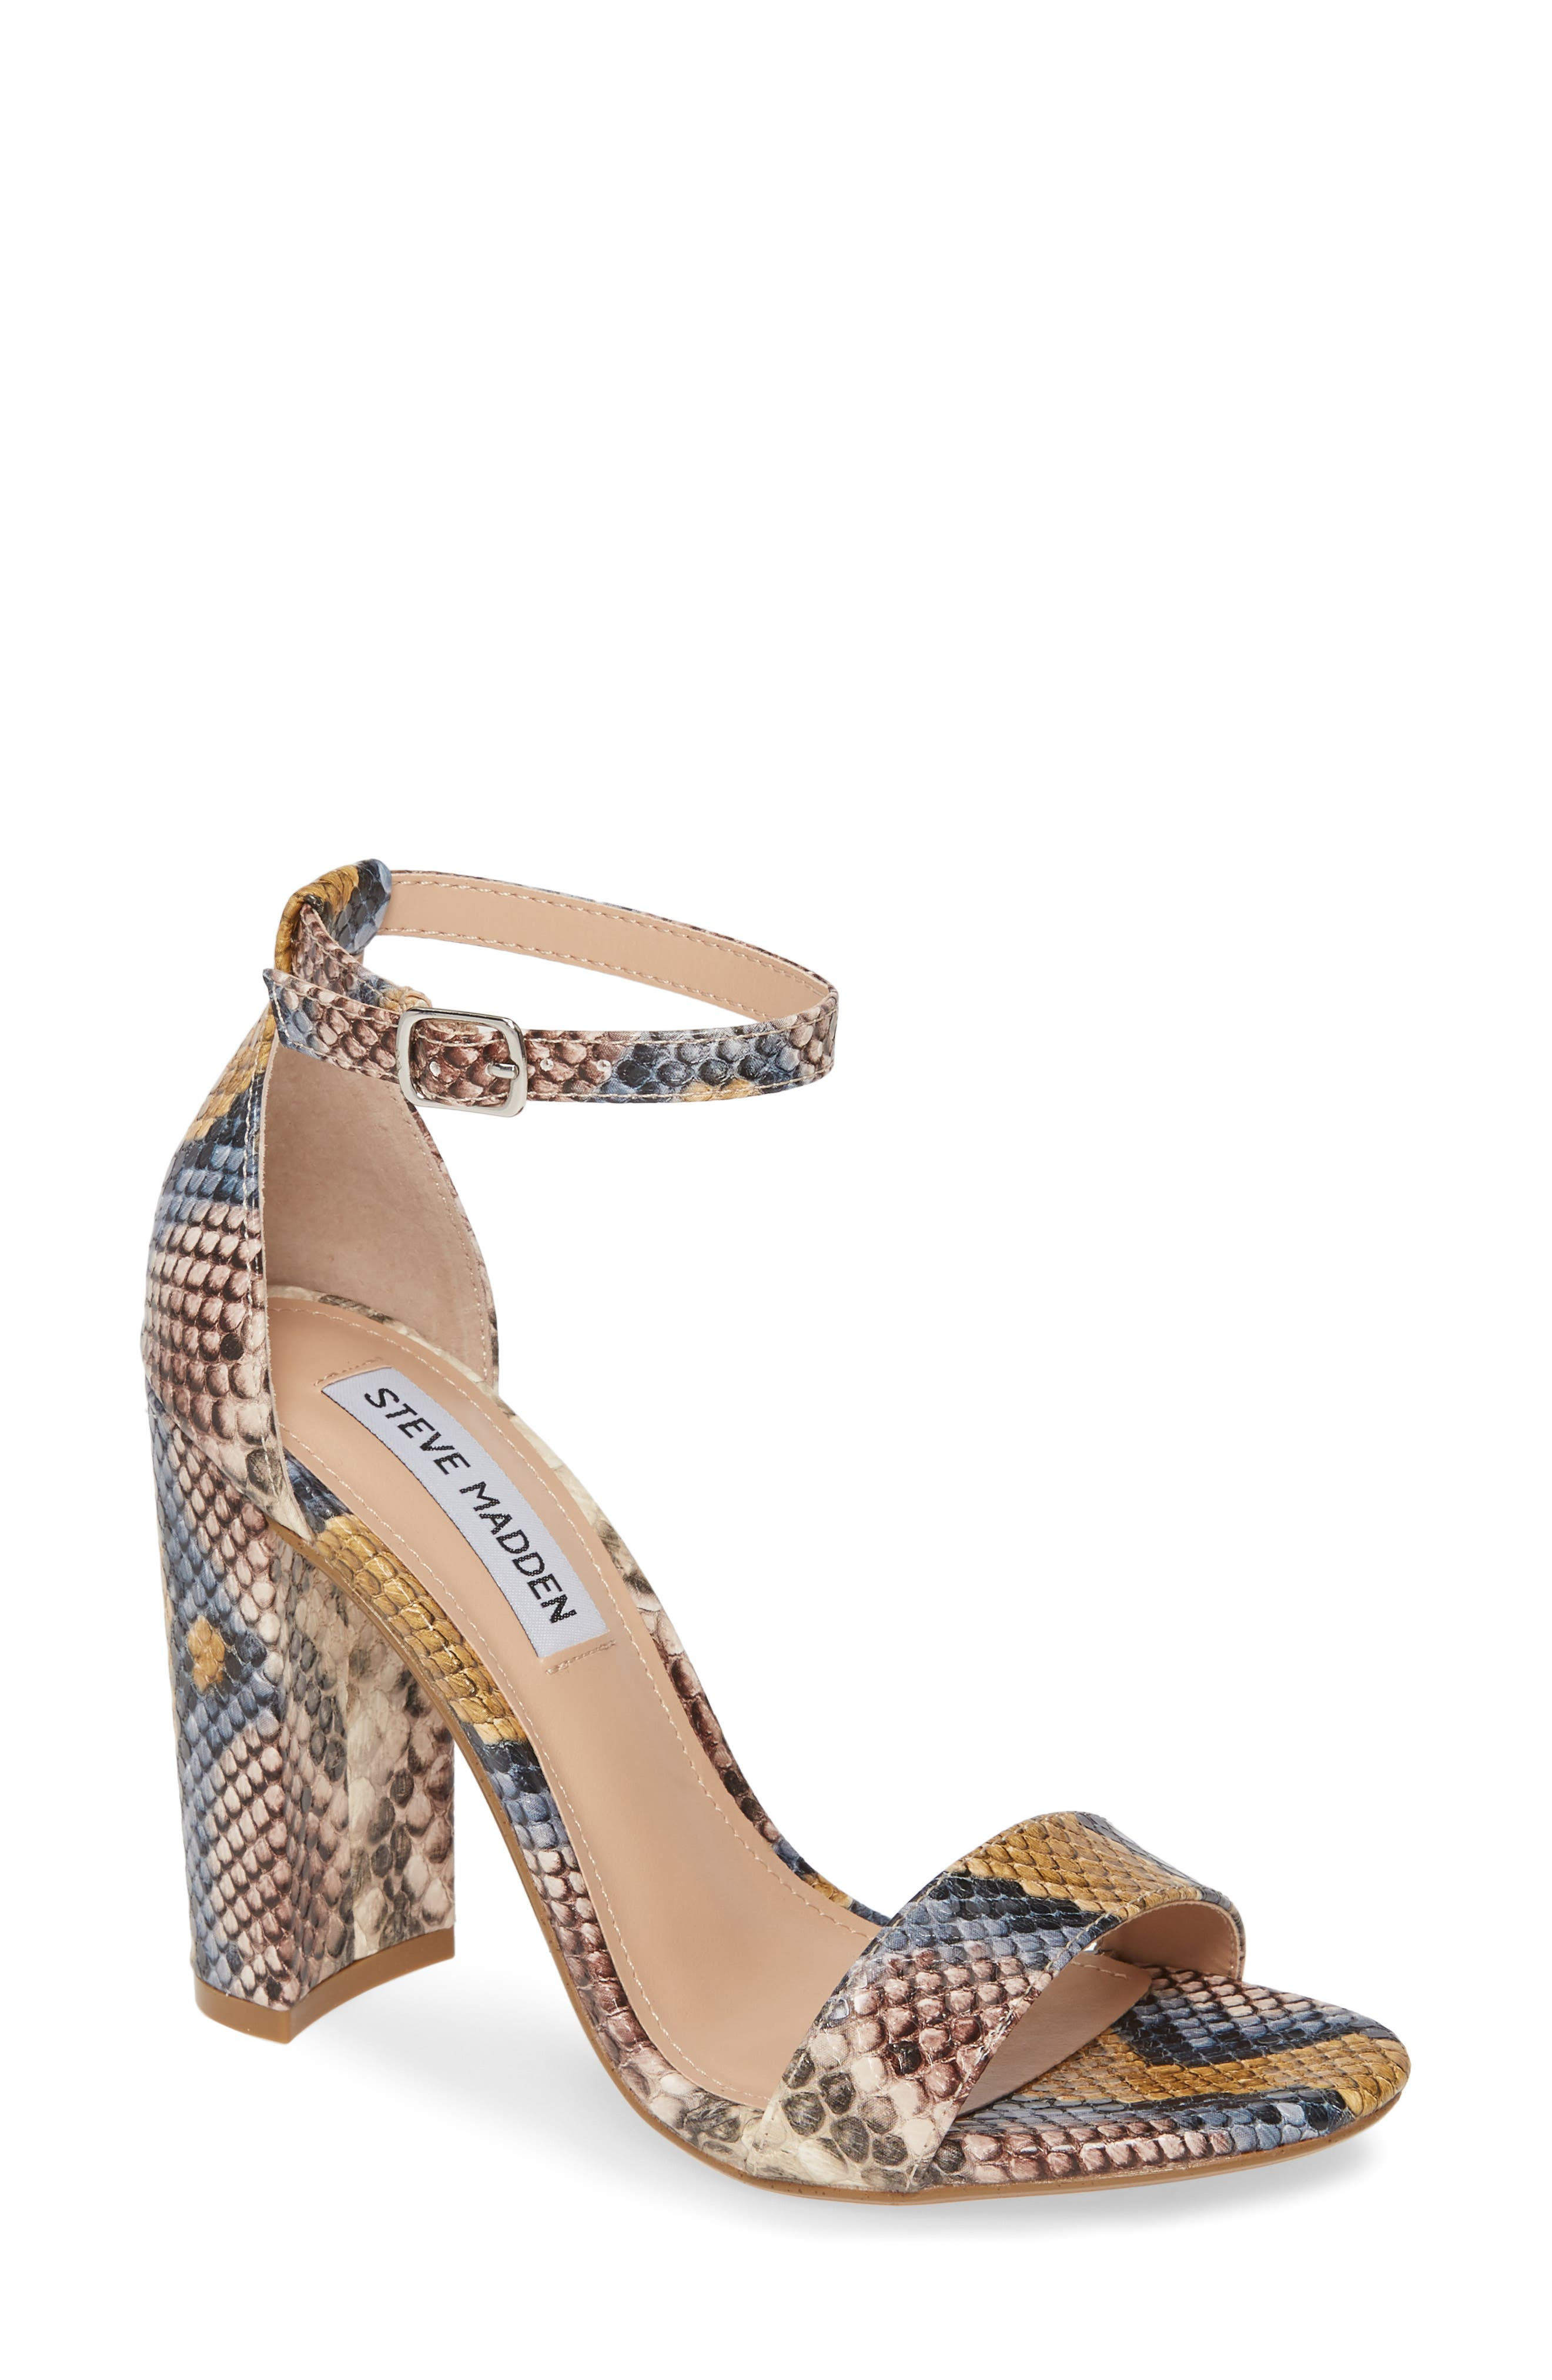 fd9795c02d4 Women's Steve Madden Shoes | Nordstrom